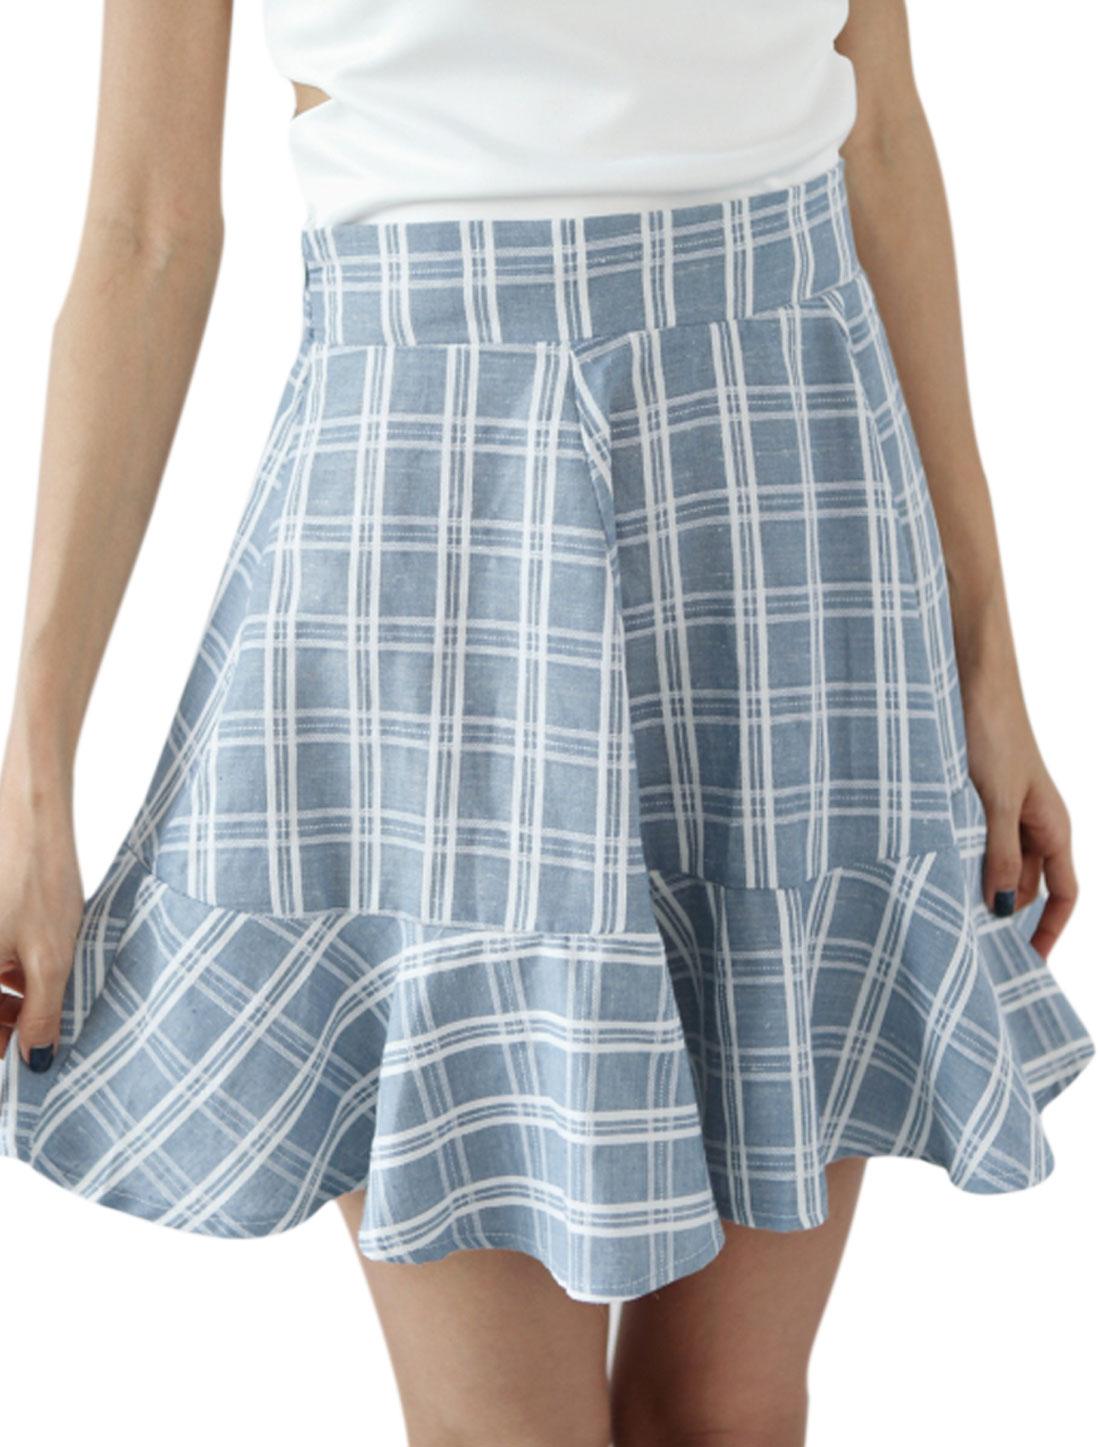 Lady Elastic Waist Back Hidden Zipper Side Plaids Pattern Casual Skirt Sky Blue XS